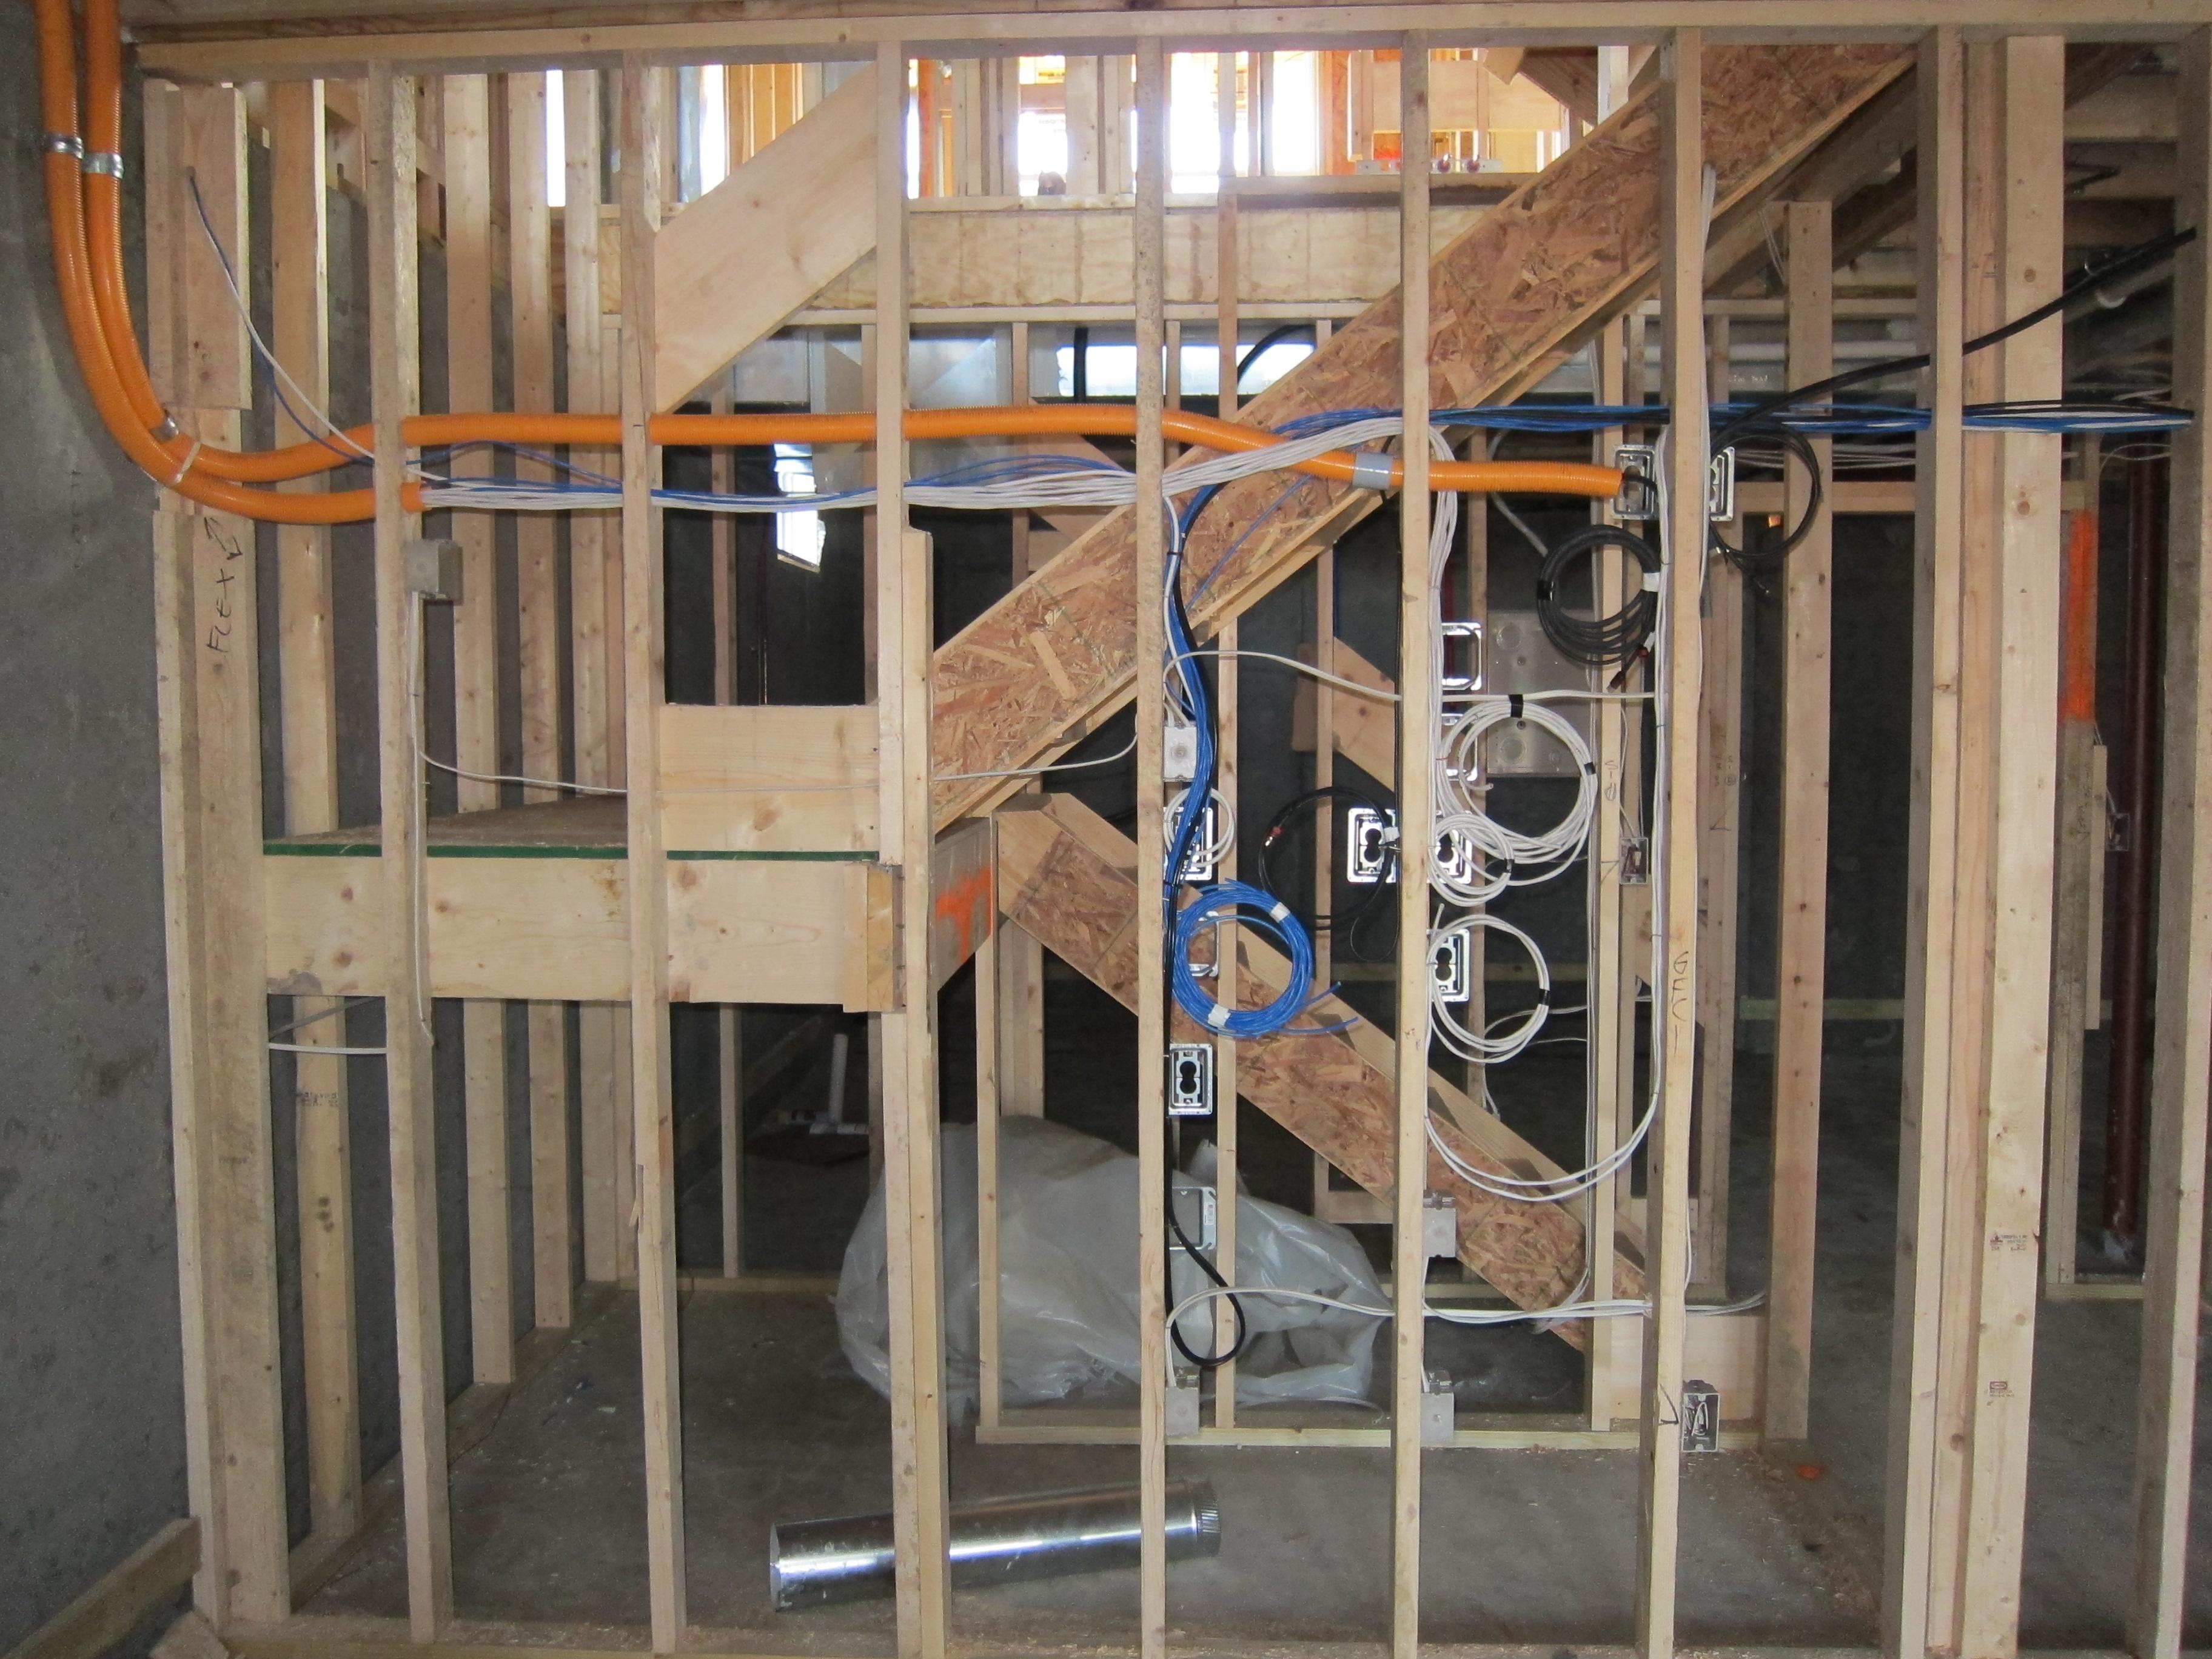 basement wiring lethbridge lethbridge electric ltd rh lethbridgeelectric ca Wiring a New Room Basement Electrical Wiring Diagrams Residential